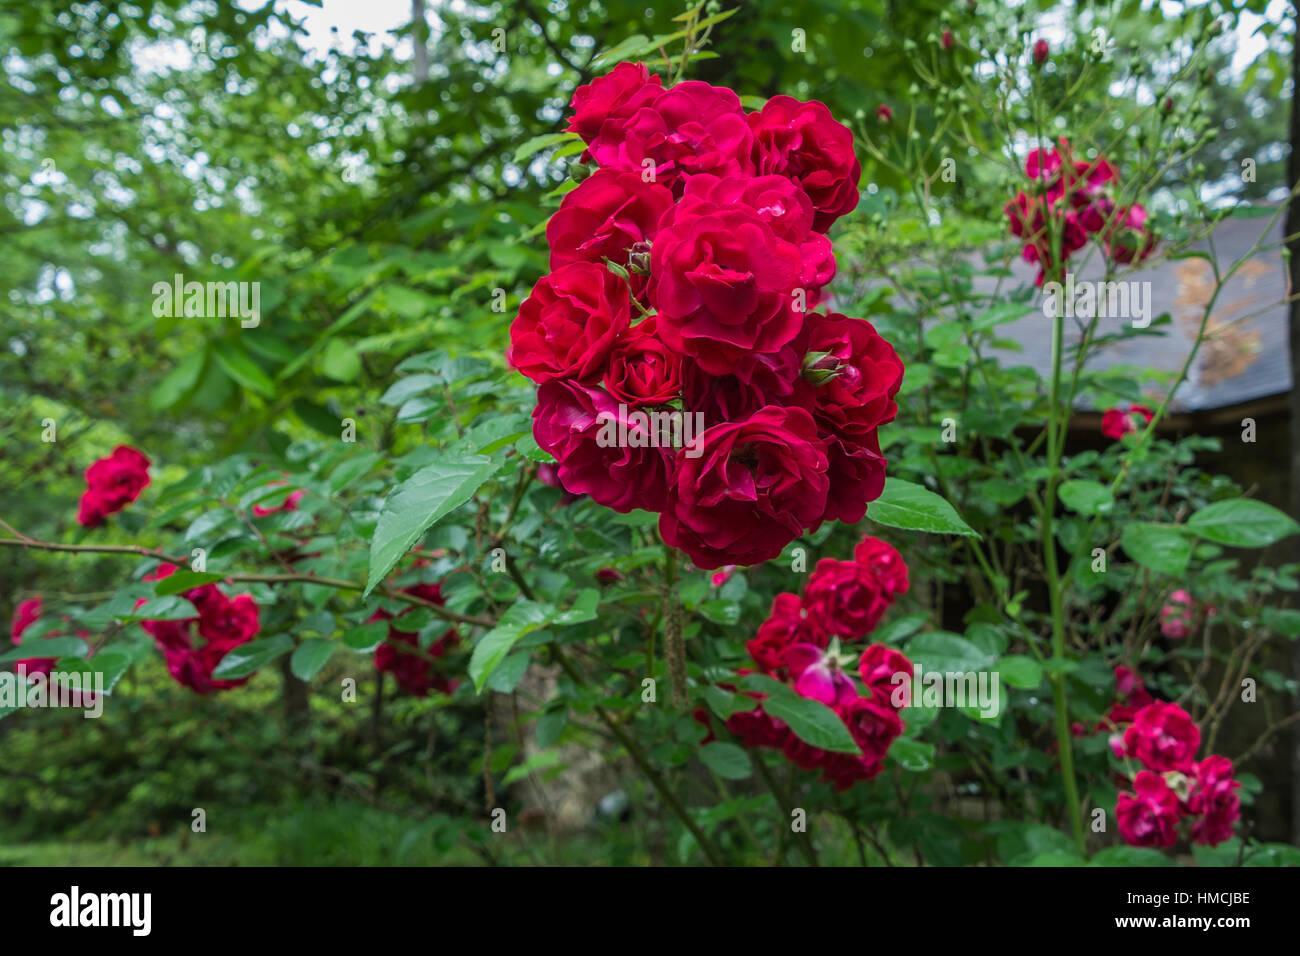 Vicino La Cattura Di Un Grande Mazzo Di Rose Rosse Sulla Boccola. Una Rosa  è Woody Perenne Fioritura Delle Piante Del Genere Rosa, Nella Famiglia  Delle ...